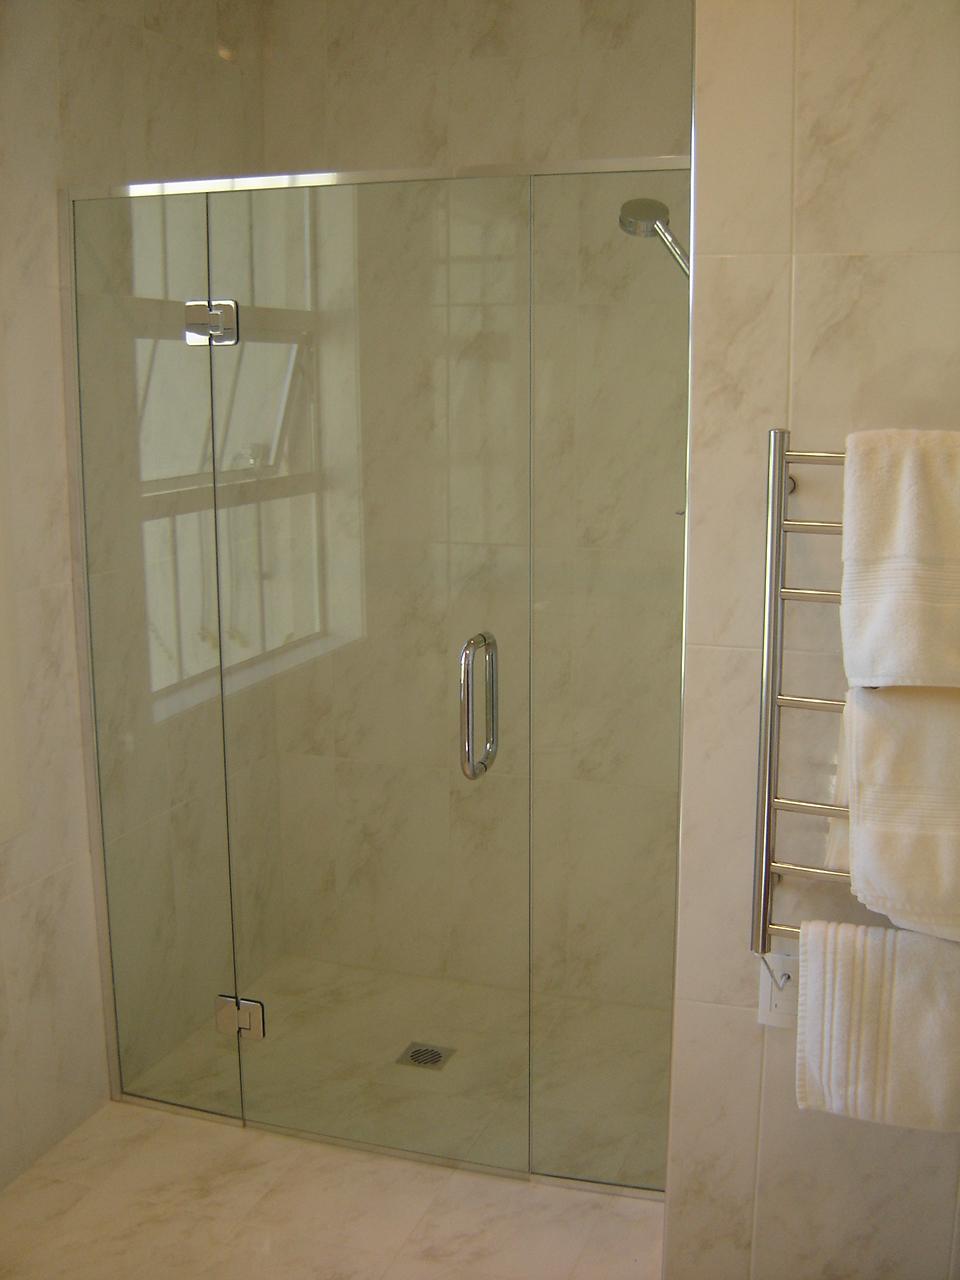 Bawden Rd Shower2